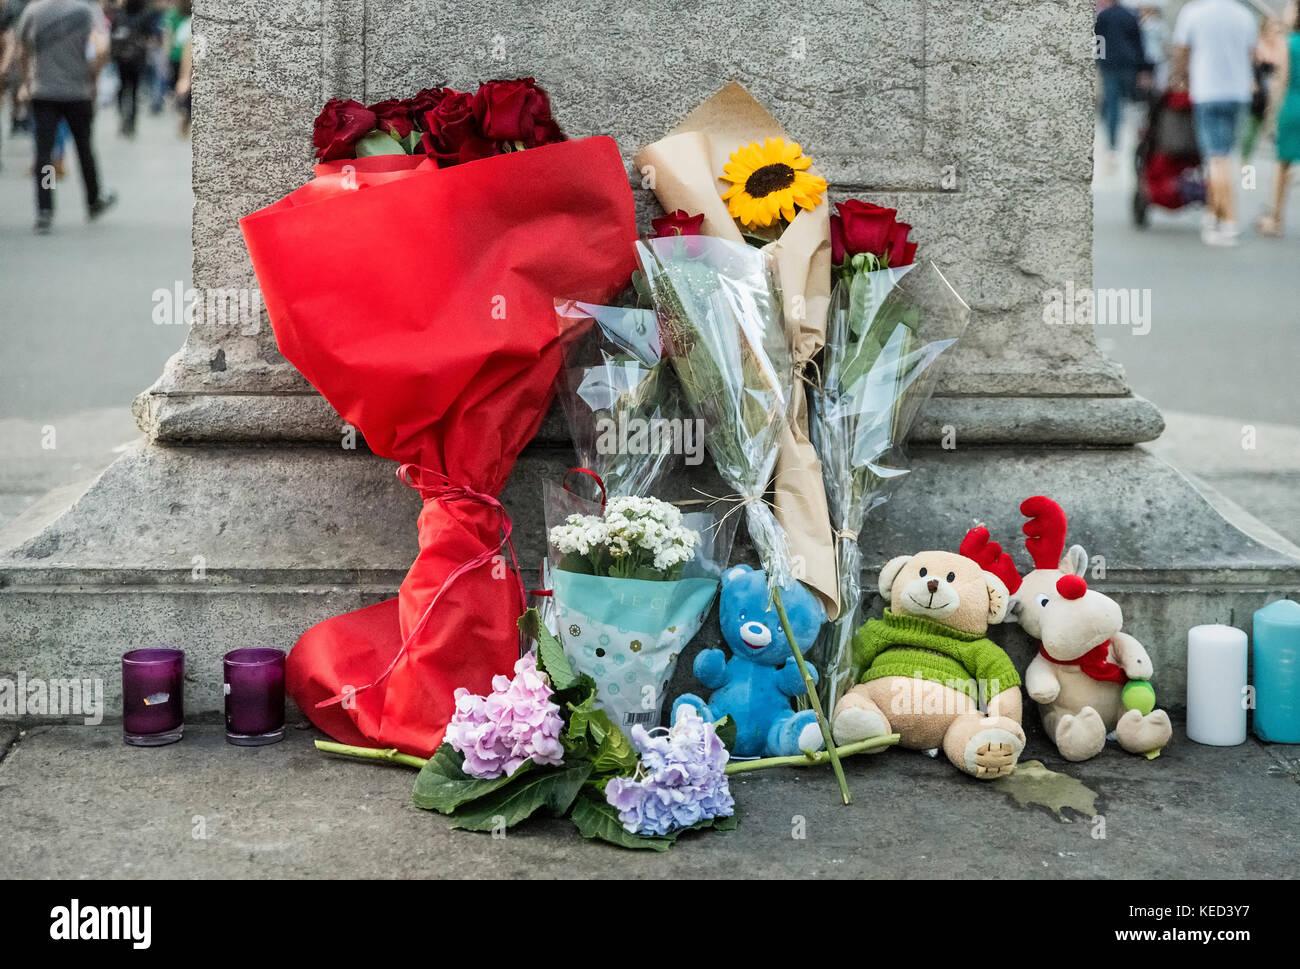 Hommage commémoratif des fleurs et des bougies placées à Las Ramblas, district 2017 site d'une attaque terroriste qui a tué 13 personnes, Barcelone, Espagne. Banque D'Images